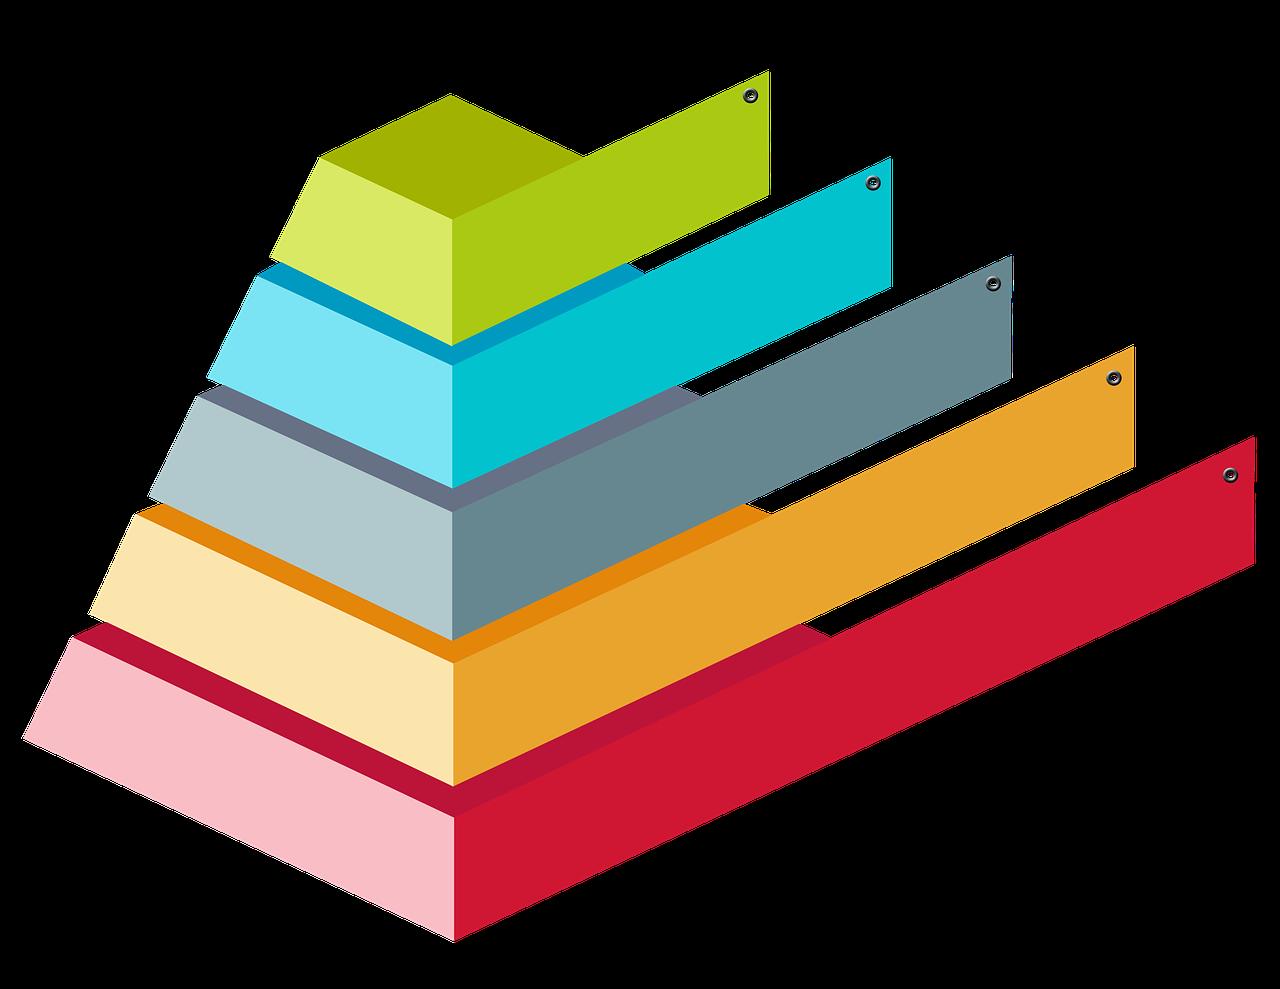 Bloc de couleur en forme de pyramide